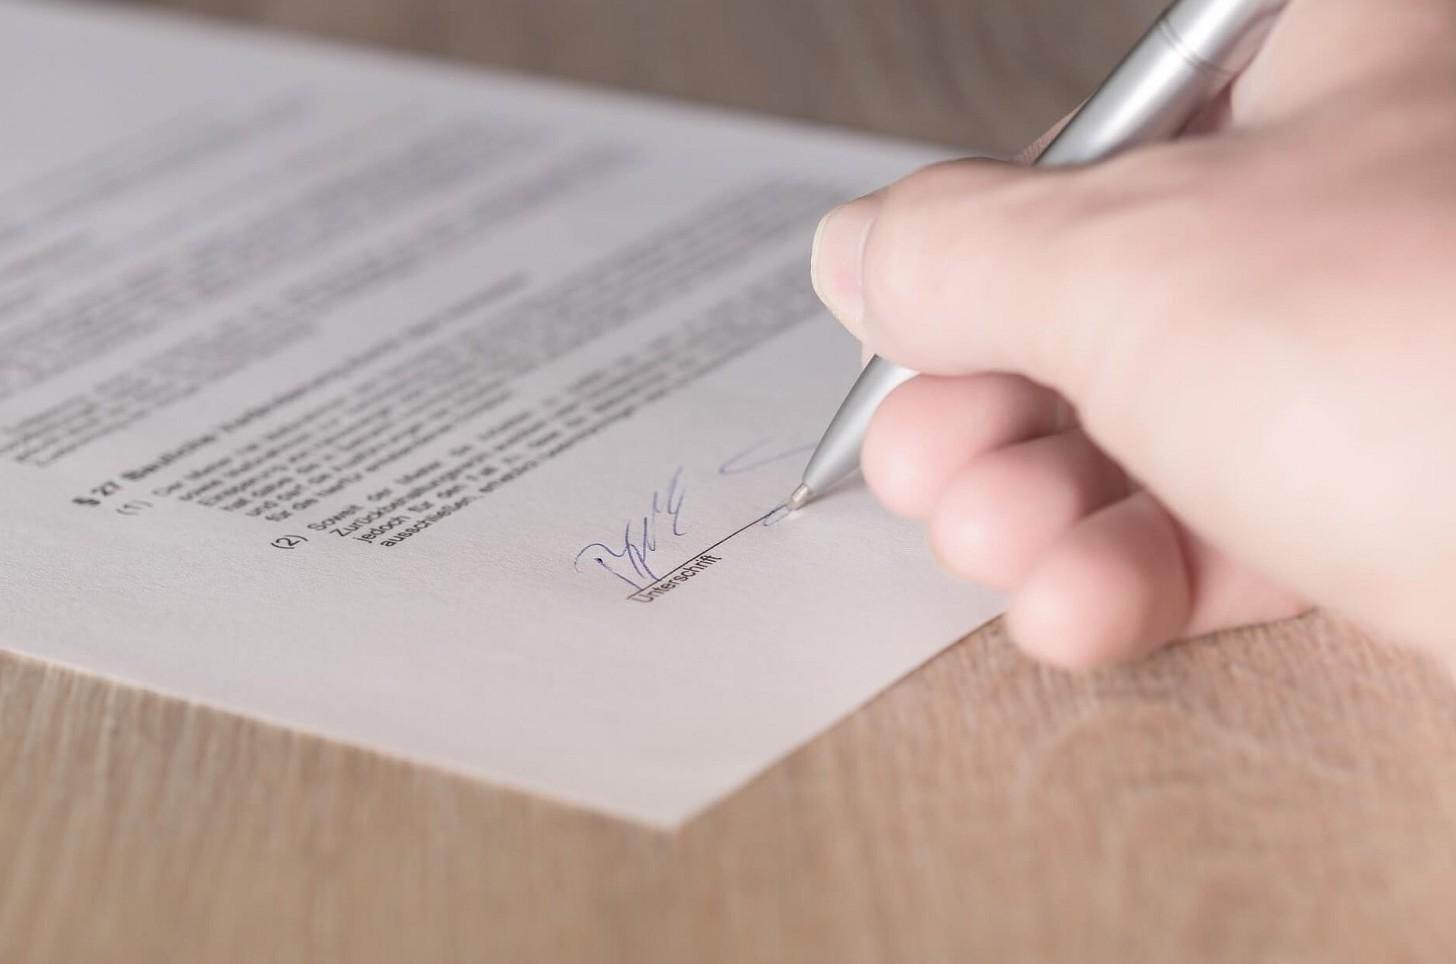 Compromesso acquisto casa diverso da contratto finale rogito. Quali clausole prevalgono